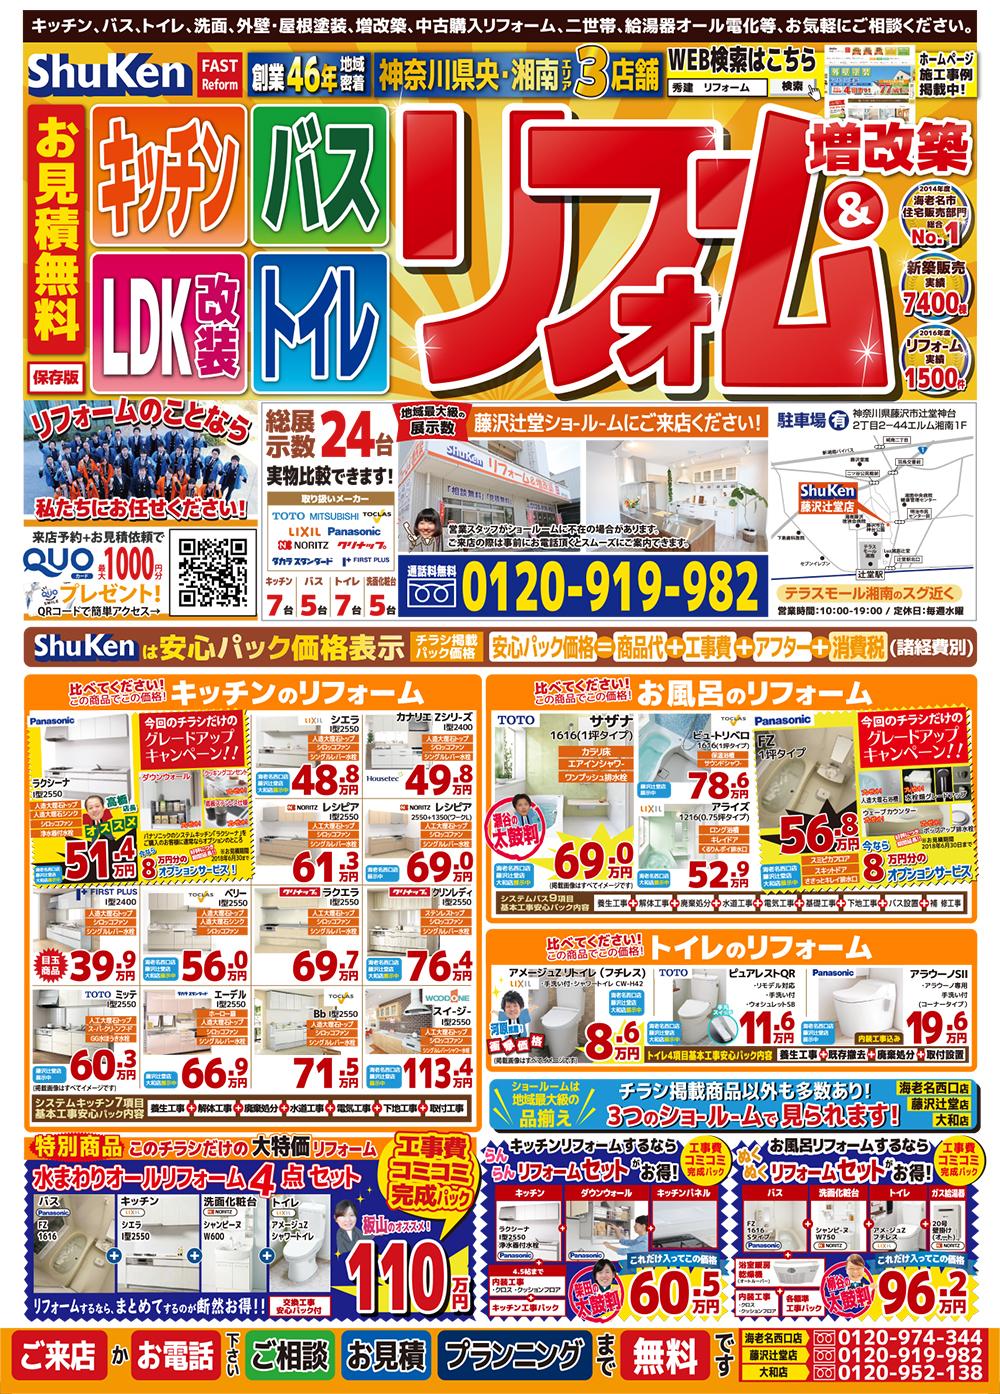 秀建リフォーム4月定番チラシ_藤沢辻堂店